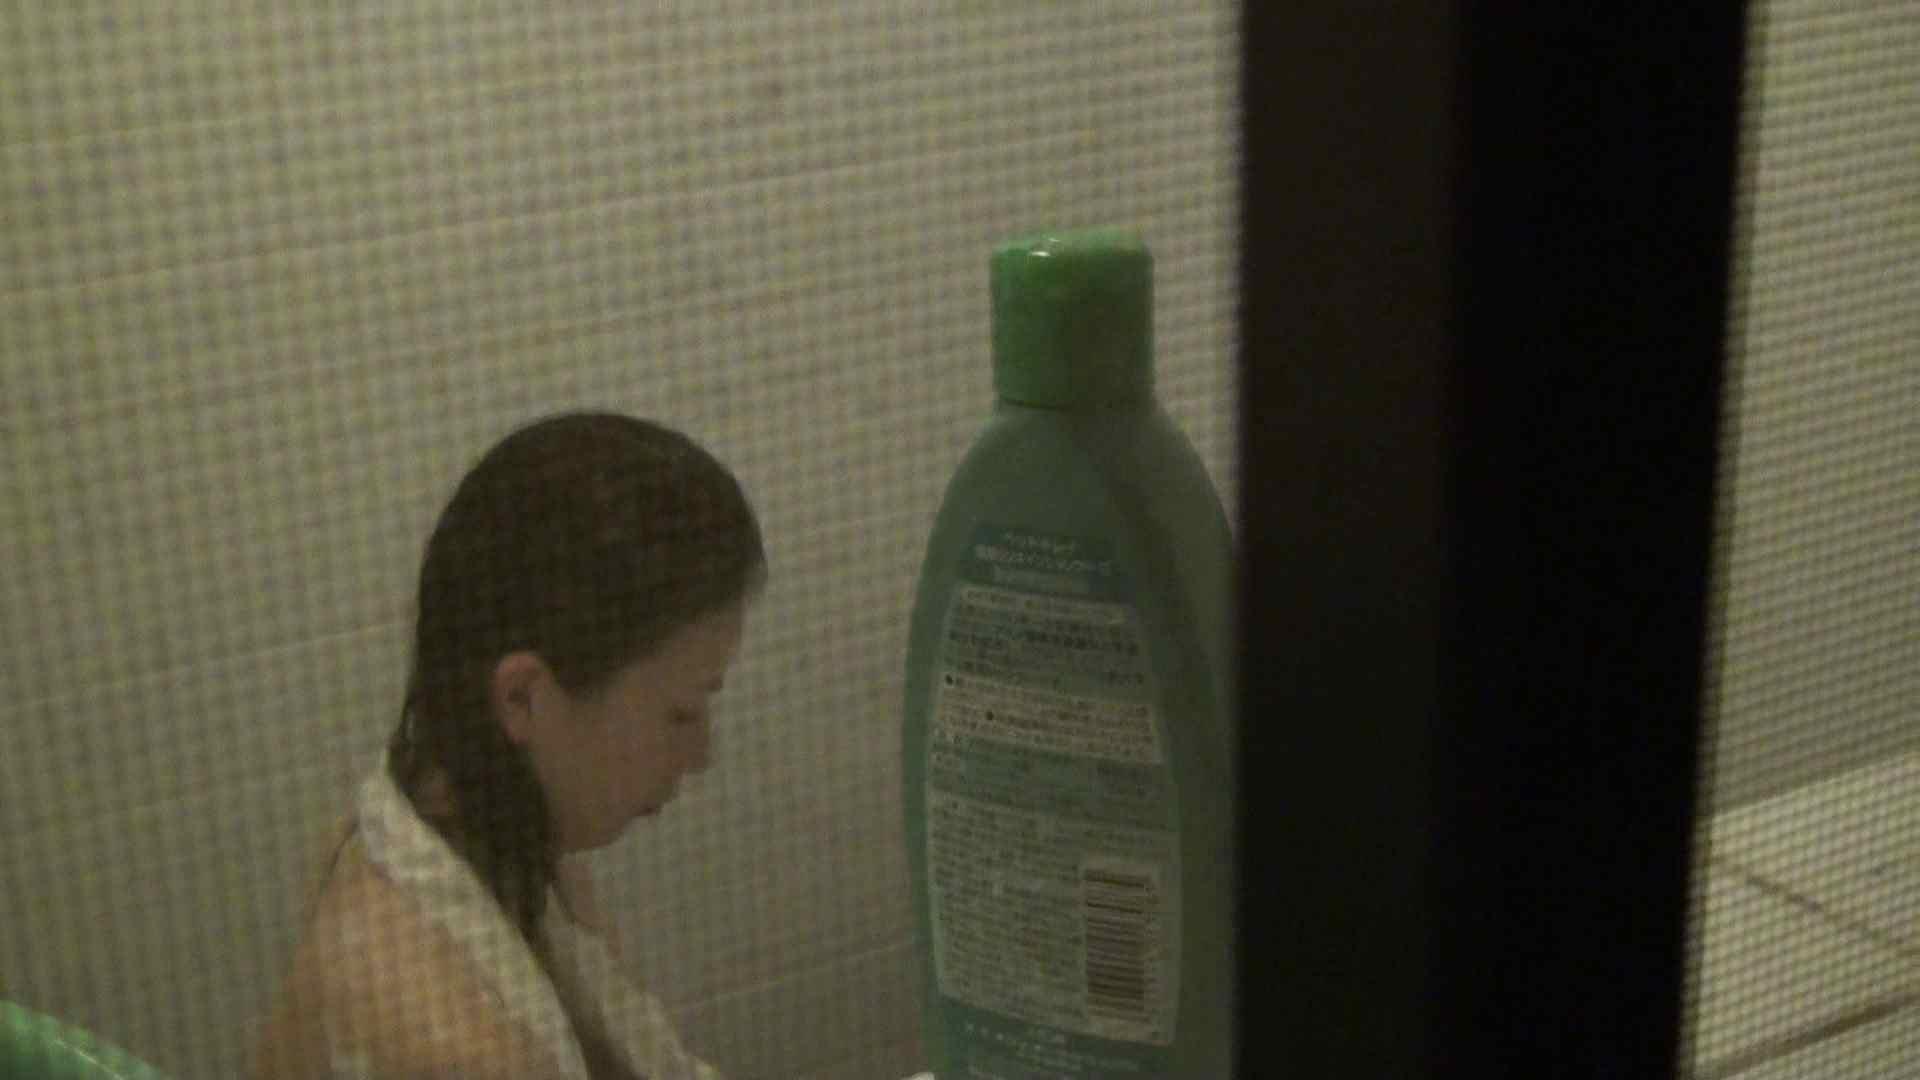 vol.06顔を洗い流す極上お女市さんの裸体をハイビジョンで!風呂上り着替え必見! 裸体  84pic 24